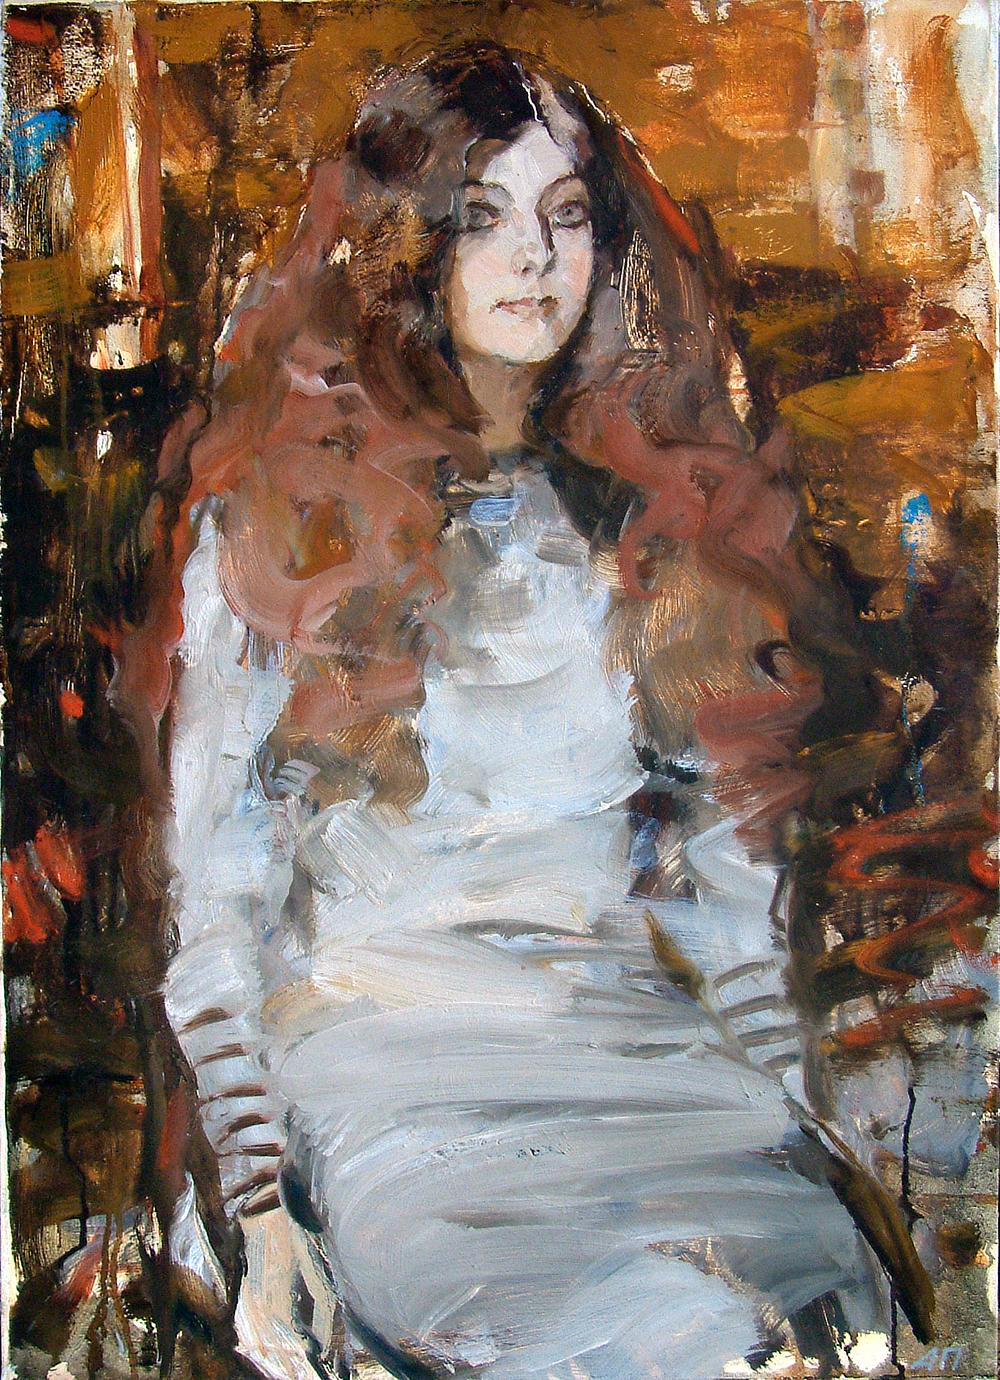 Aleksandr Pavlovets Artist Aleksandr Pavlovets Dnepropetrovsk Gallery Russian Art